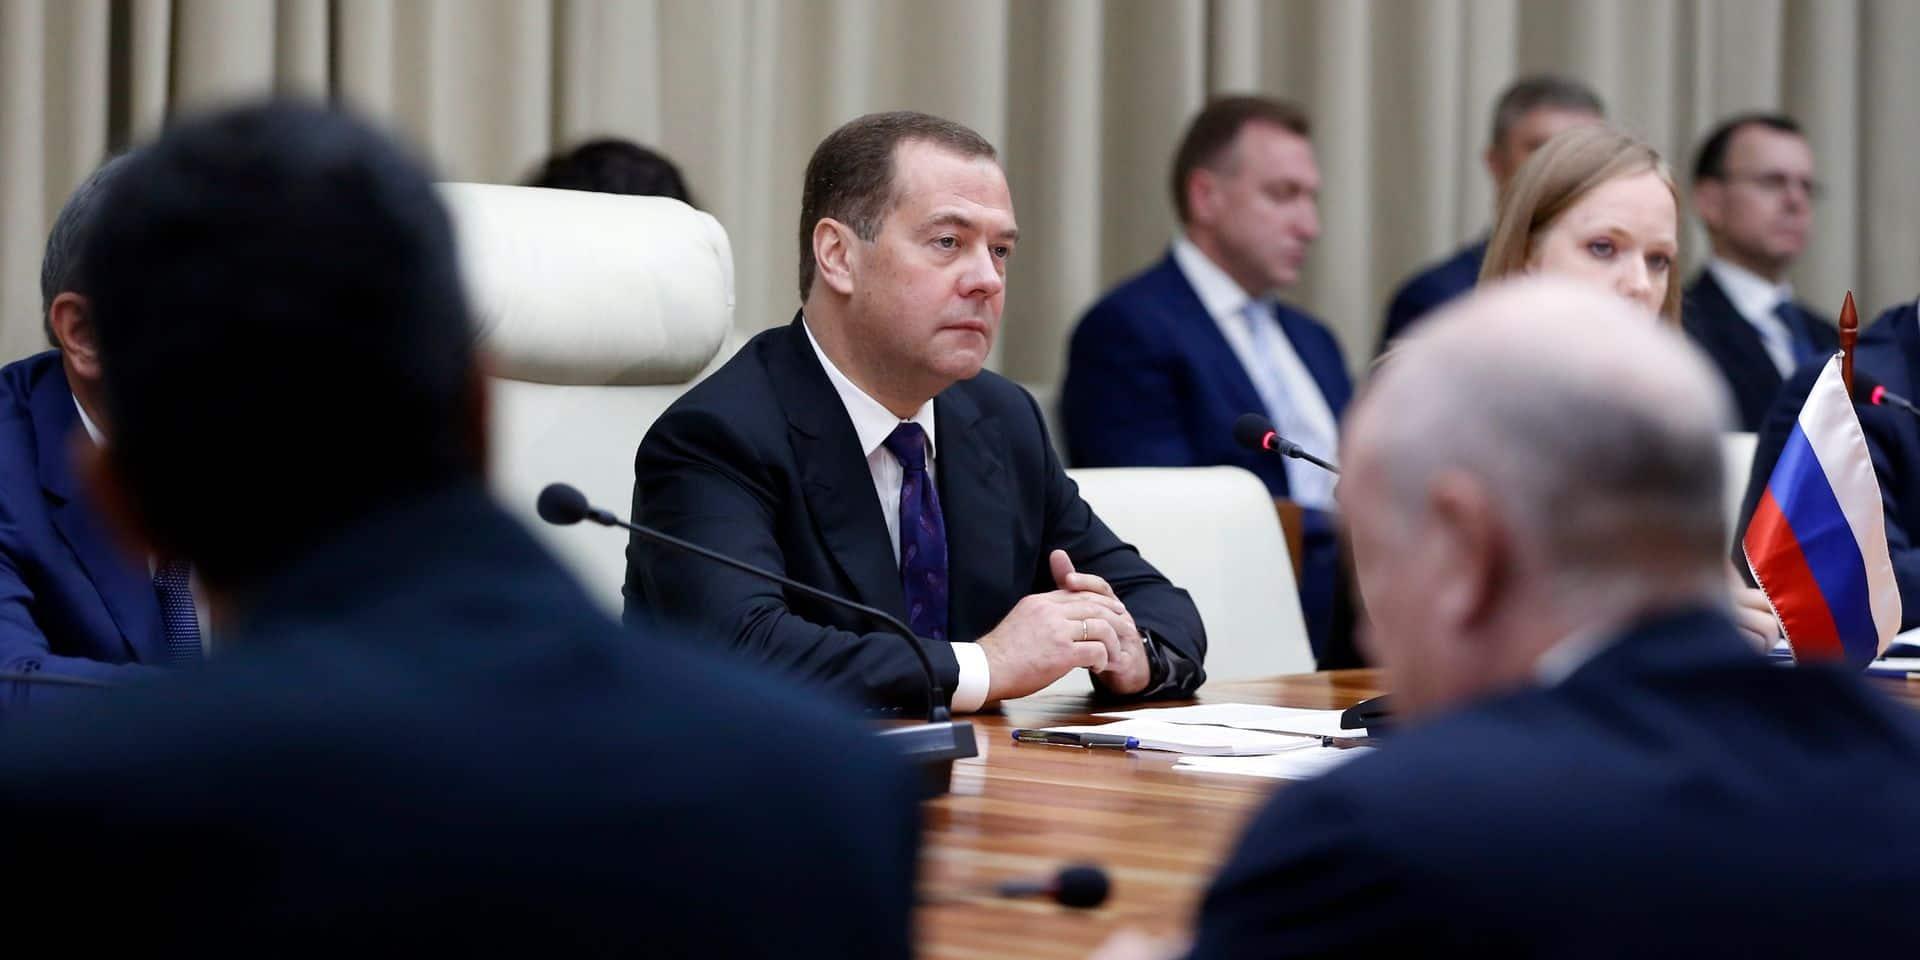 """Dopage : les sanctions de l'AMA témoignent d'une """"hystérie antirusse"""" selon le Premier Ministre russe"""